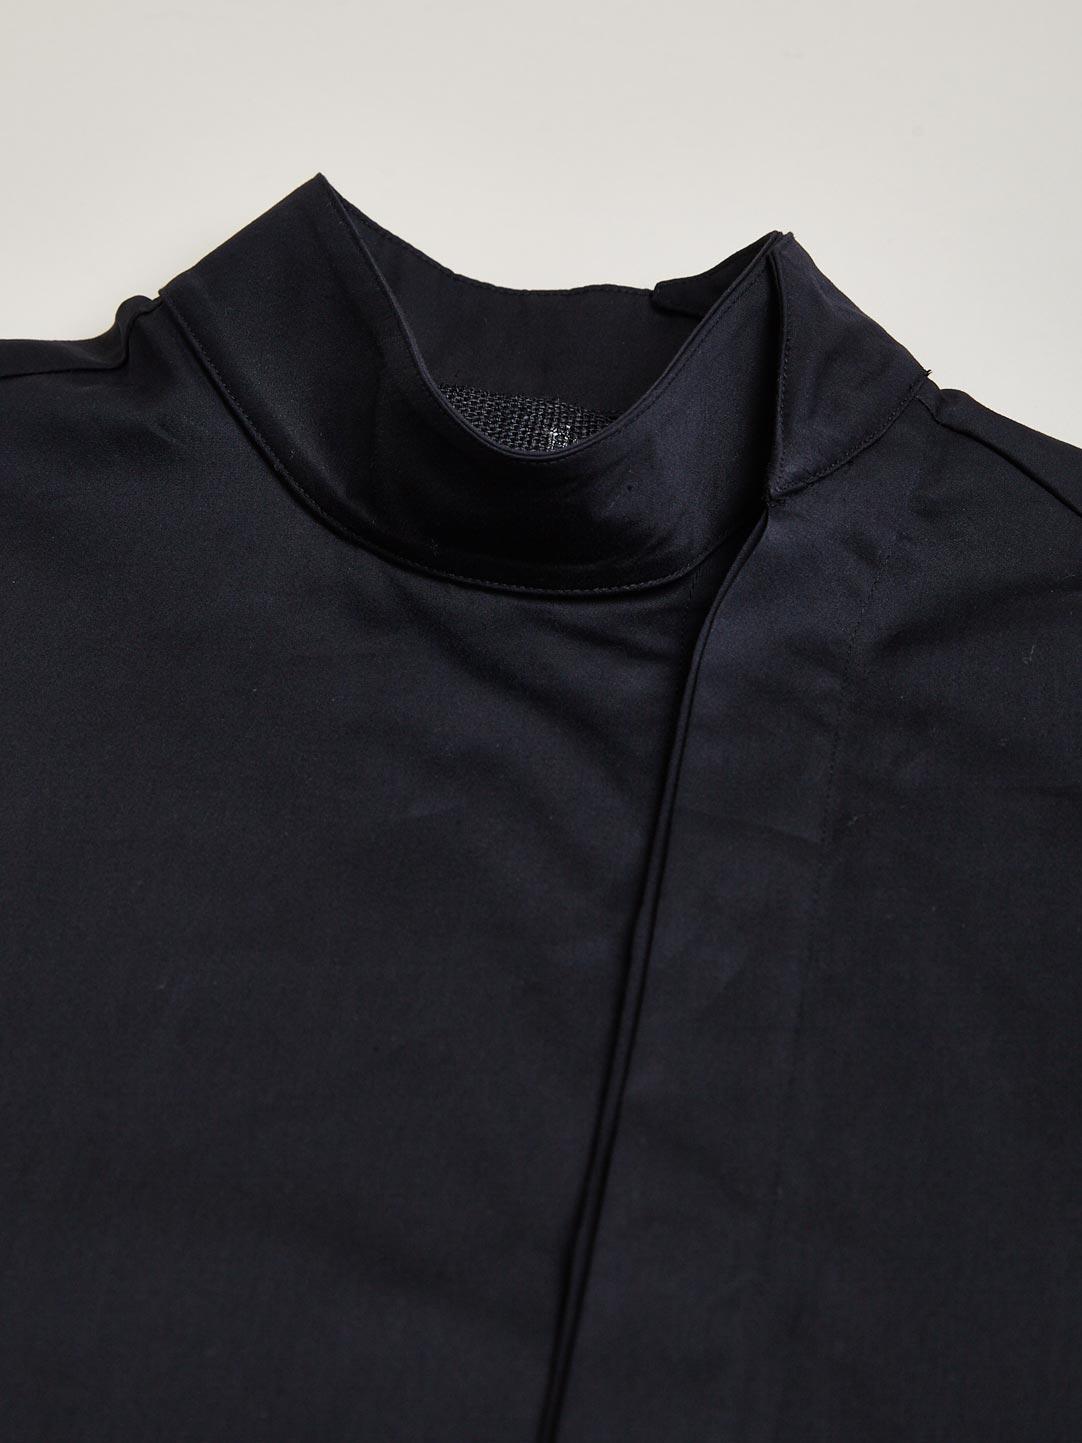 381e4faac455f6 Kimono Dervish Collar Shirt Thamanyah 2